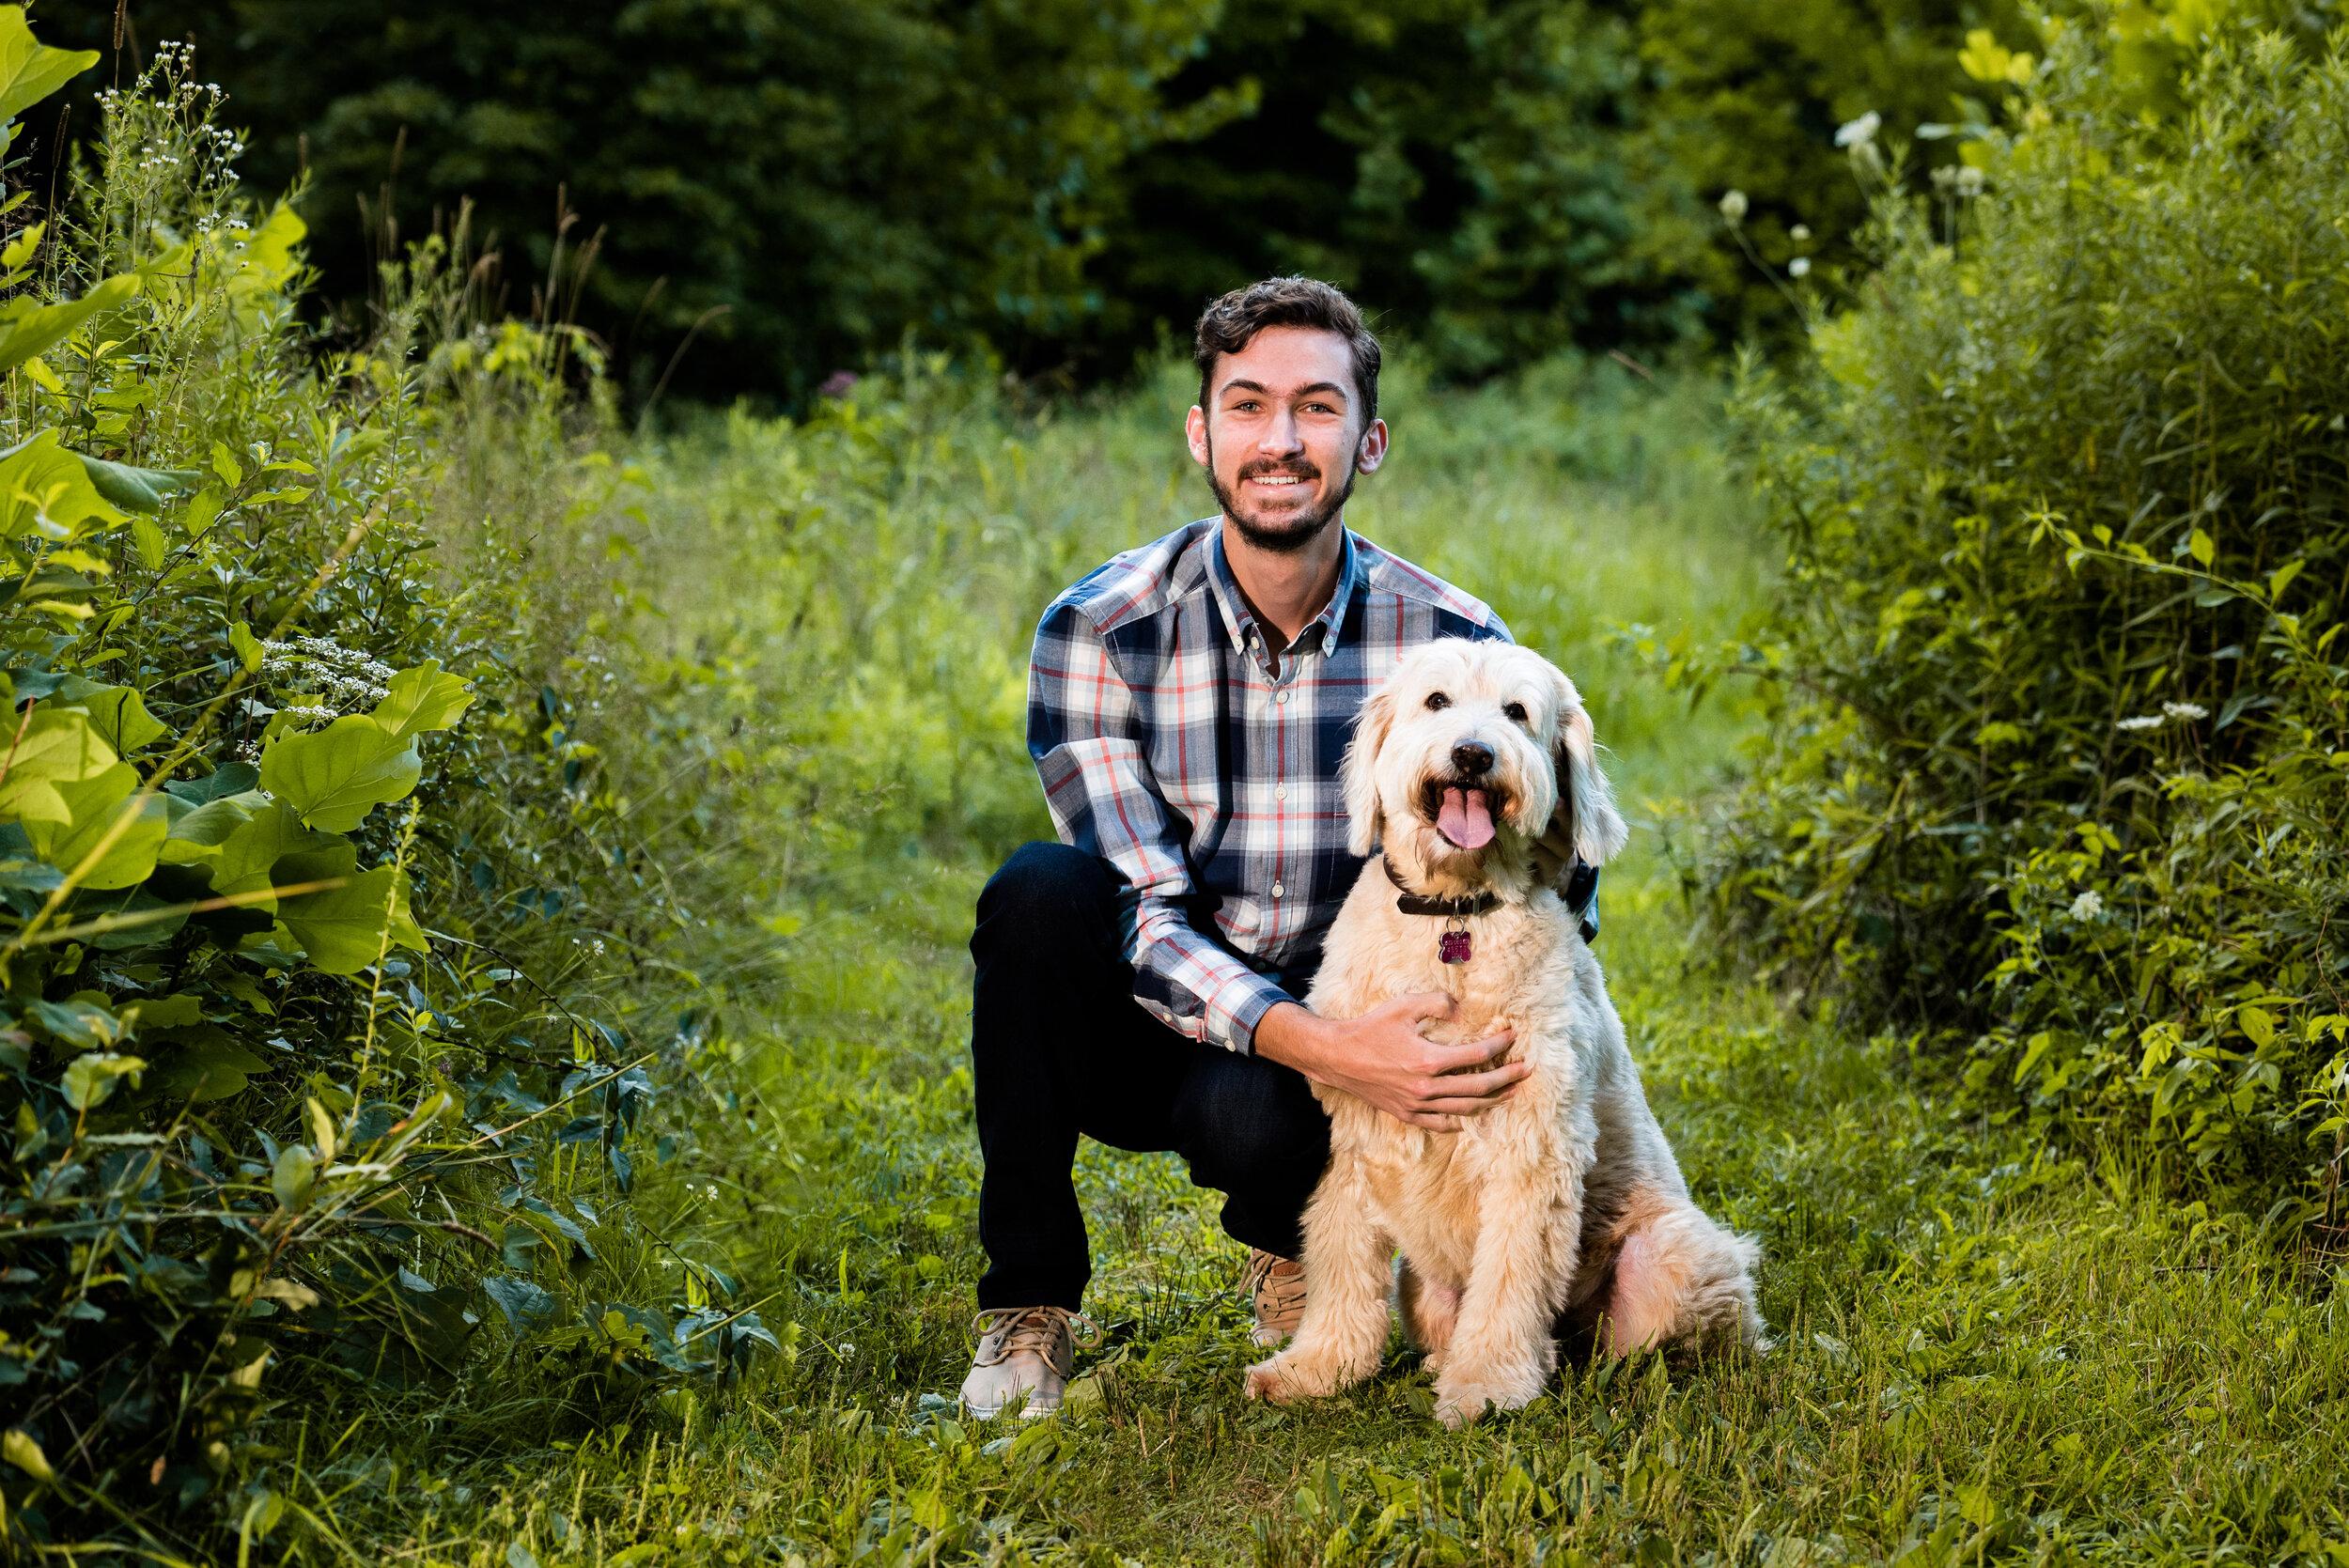 toledo senior photography with dog